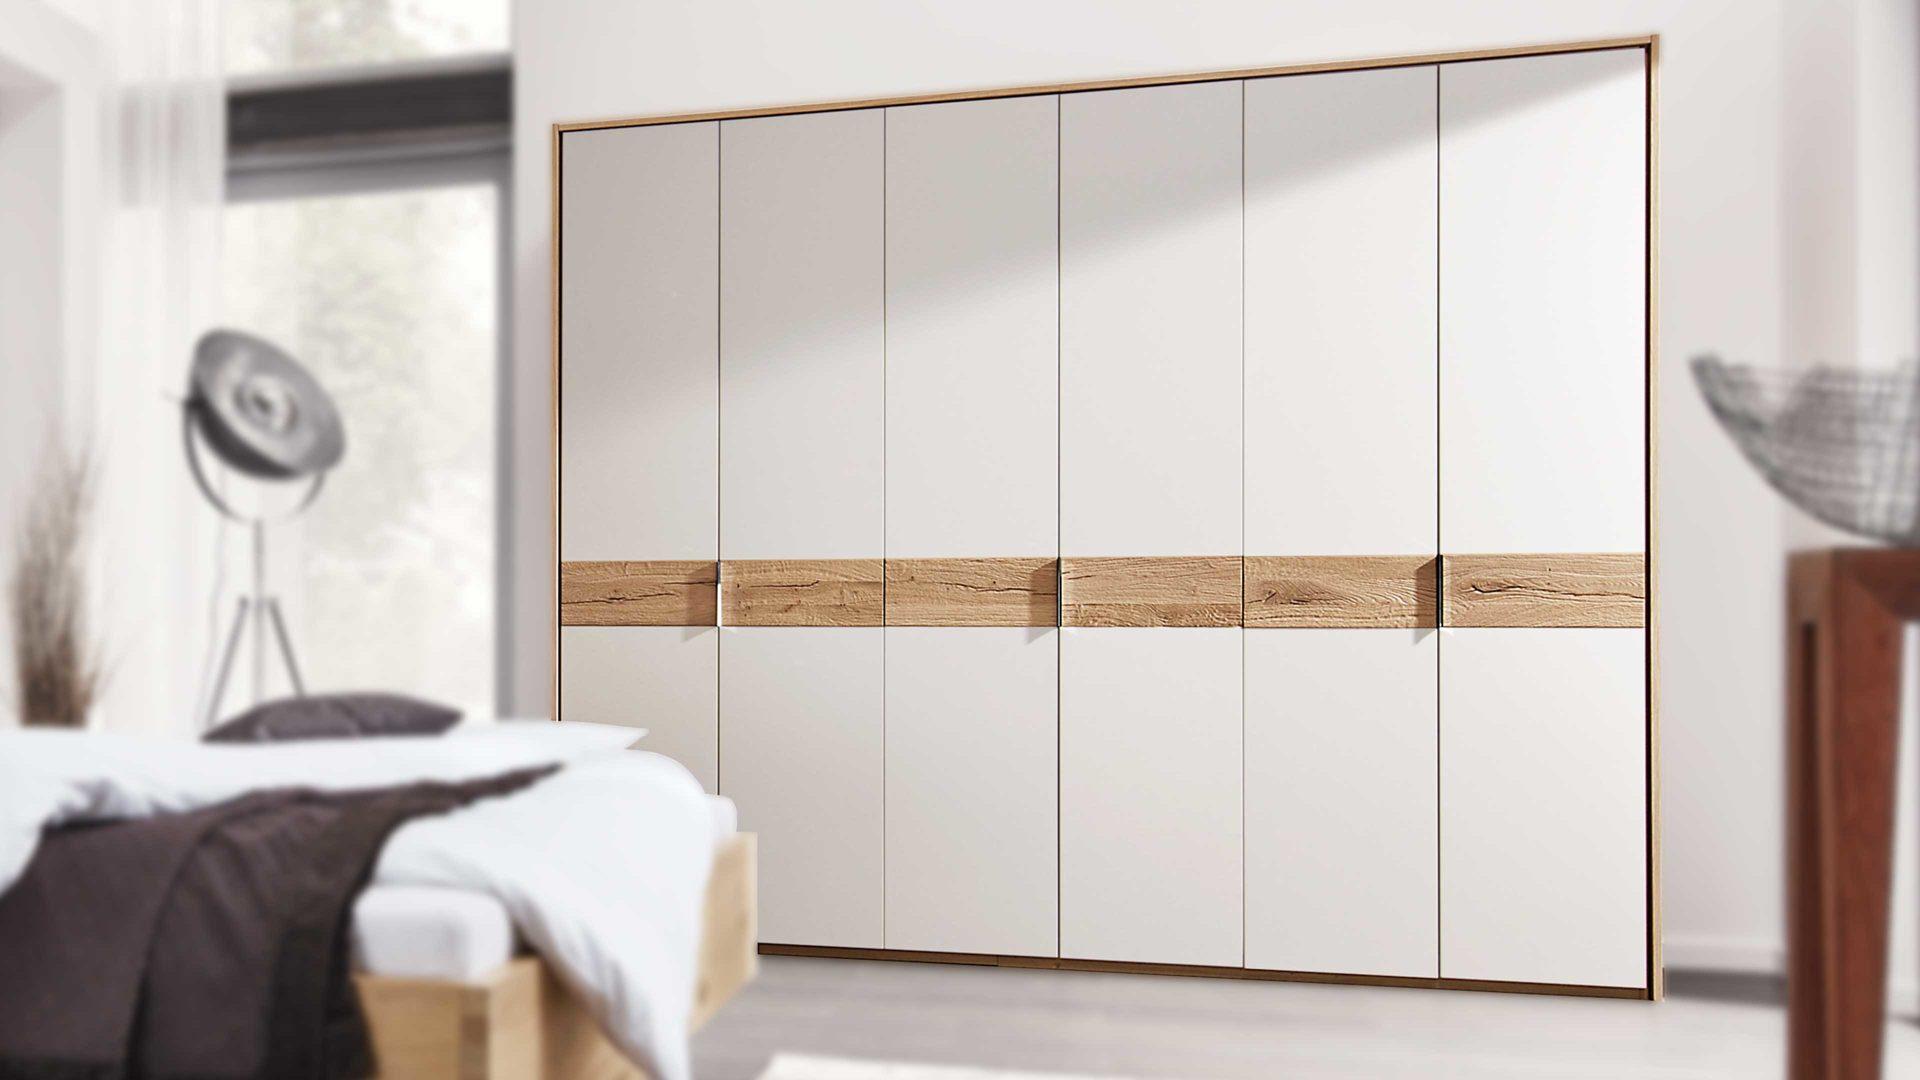 Interliving Schlafzimmer Serie 1002 Kleiderschrank Mit Passepartout